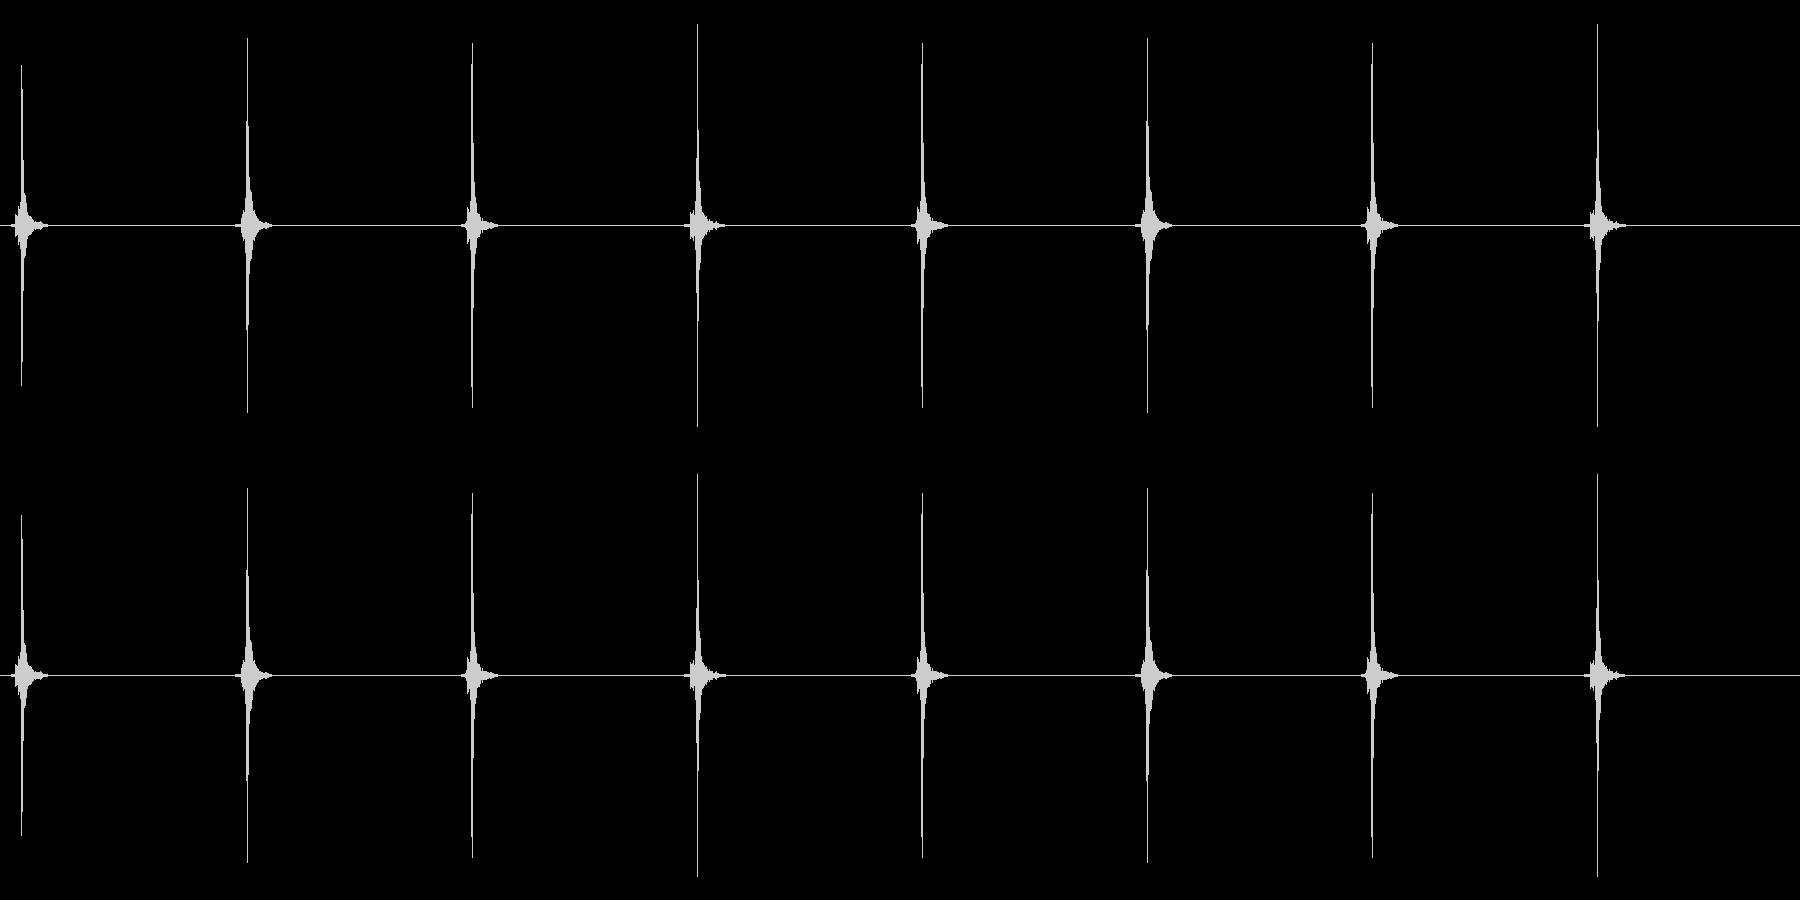 時計 秒針02-2(ループ 2)の未再生の波形